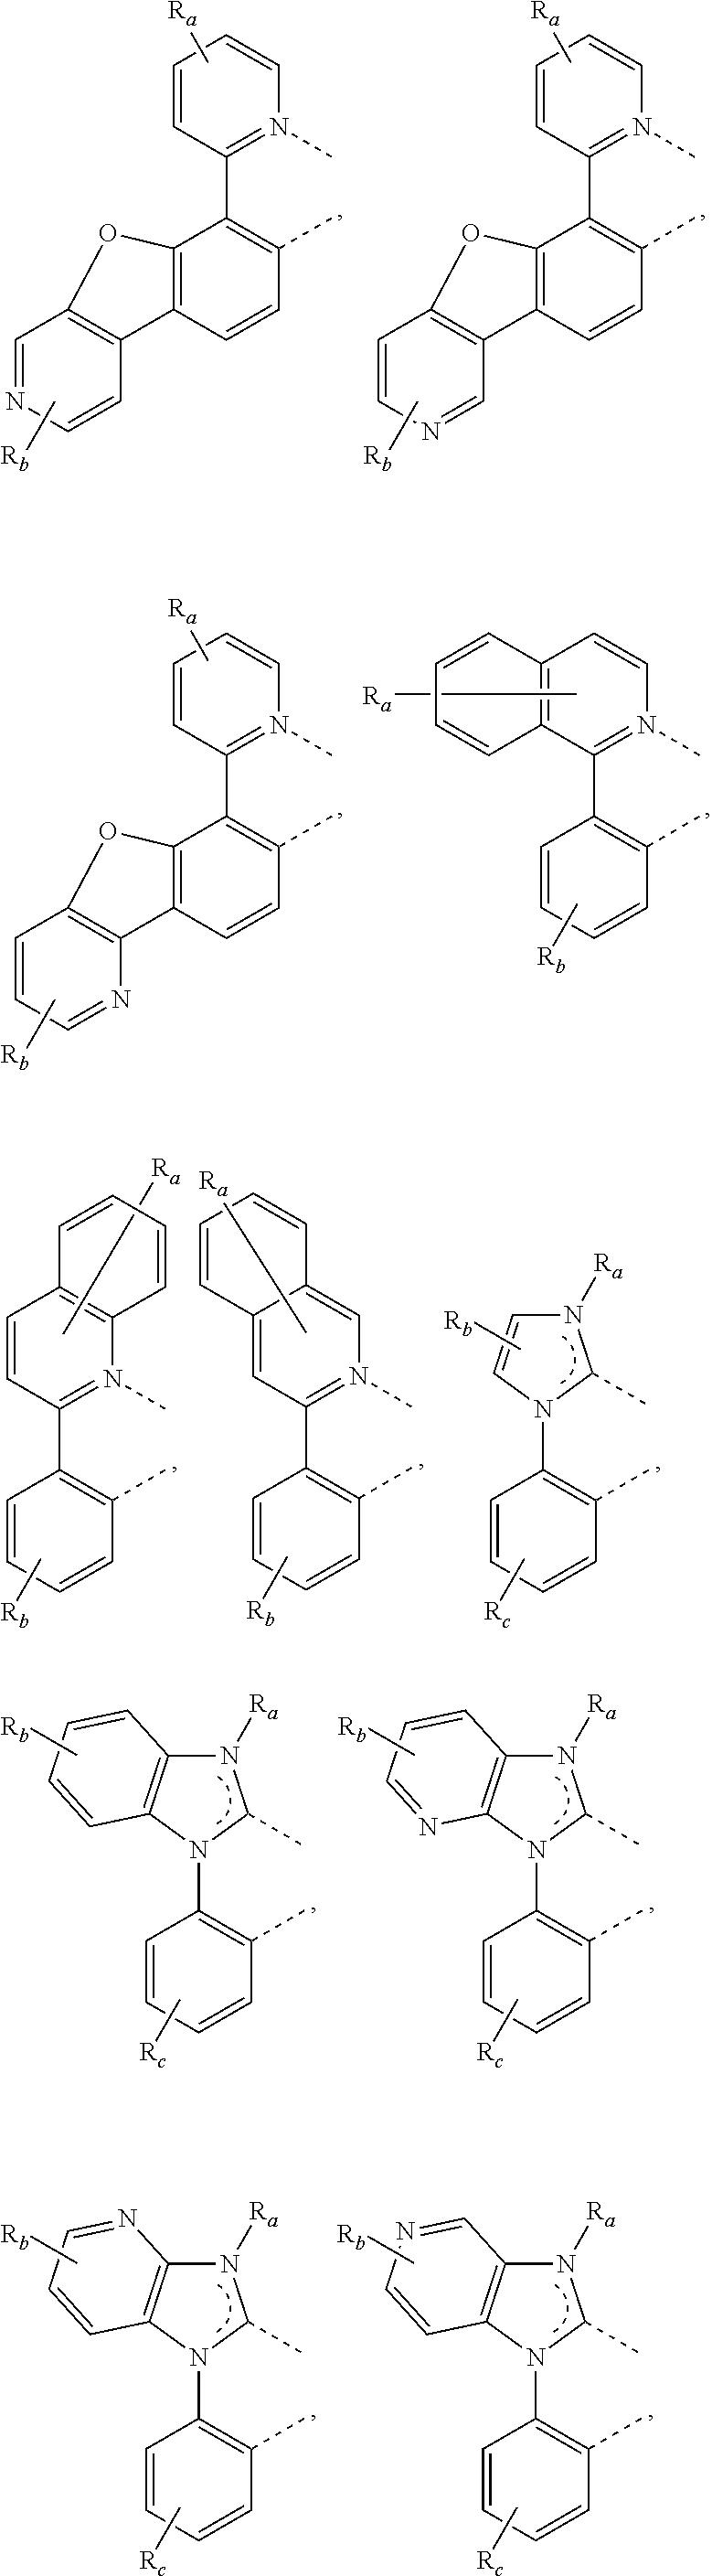 Figure US09876173-20180123-C00046